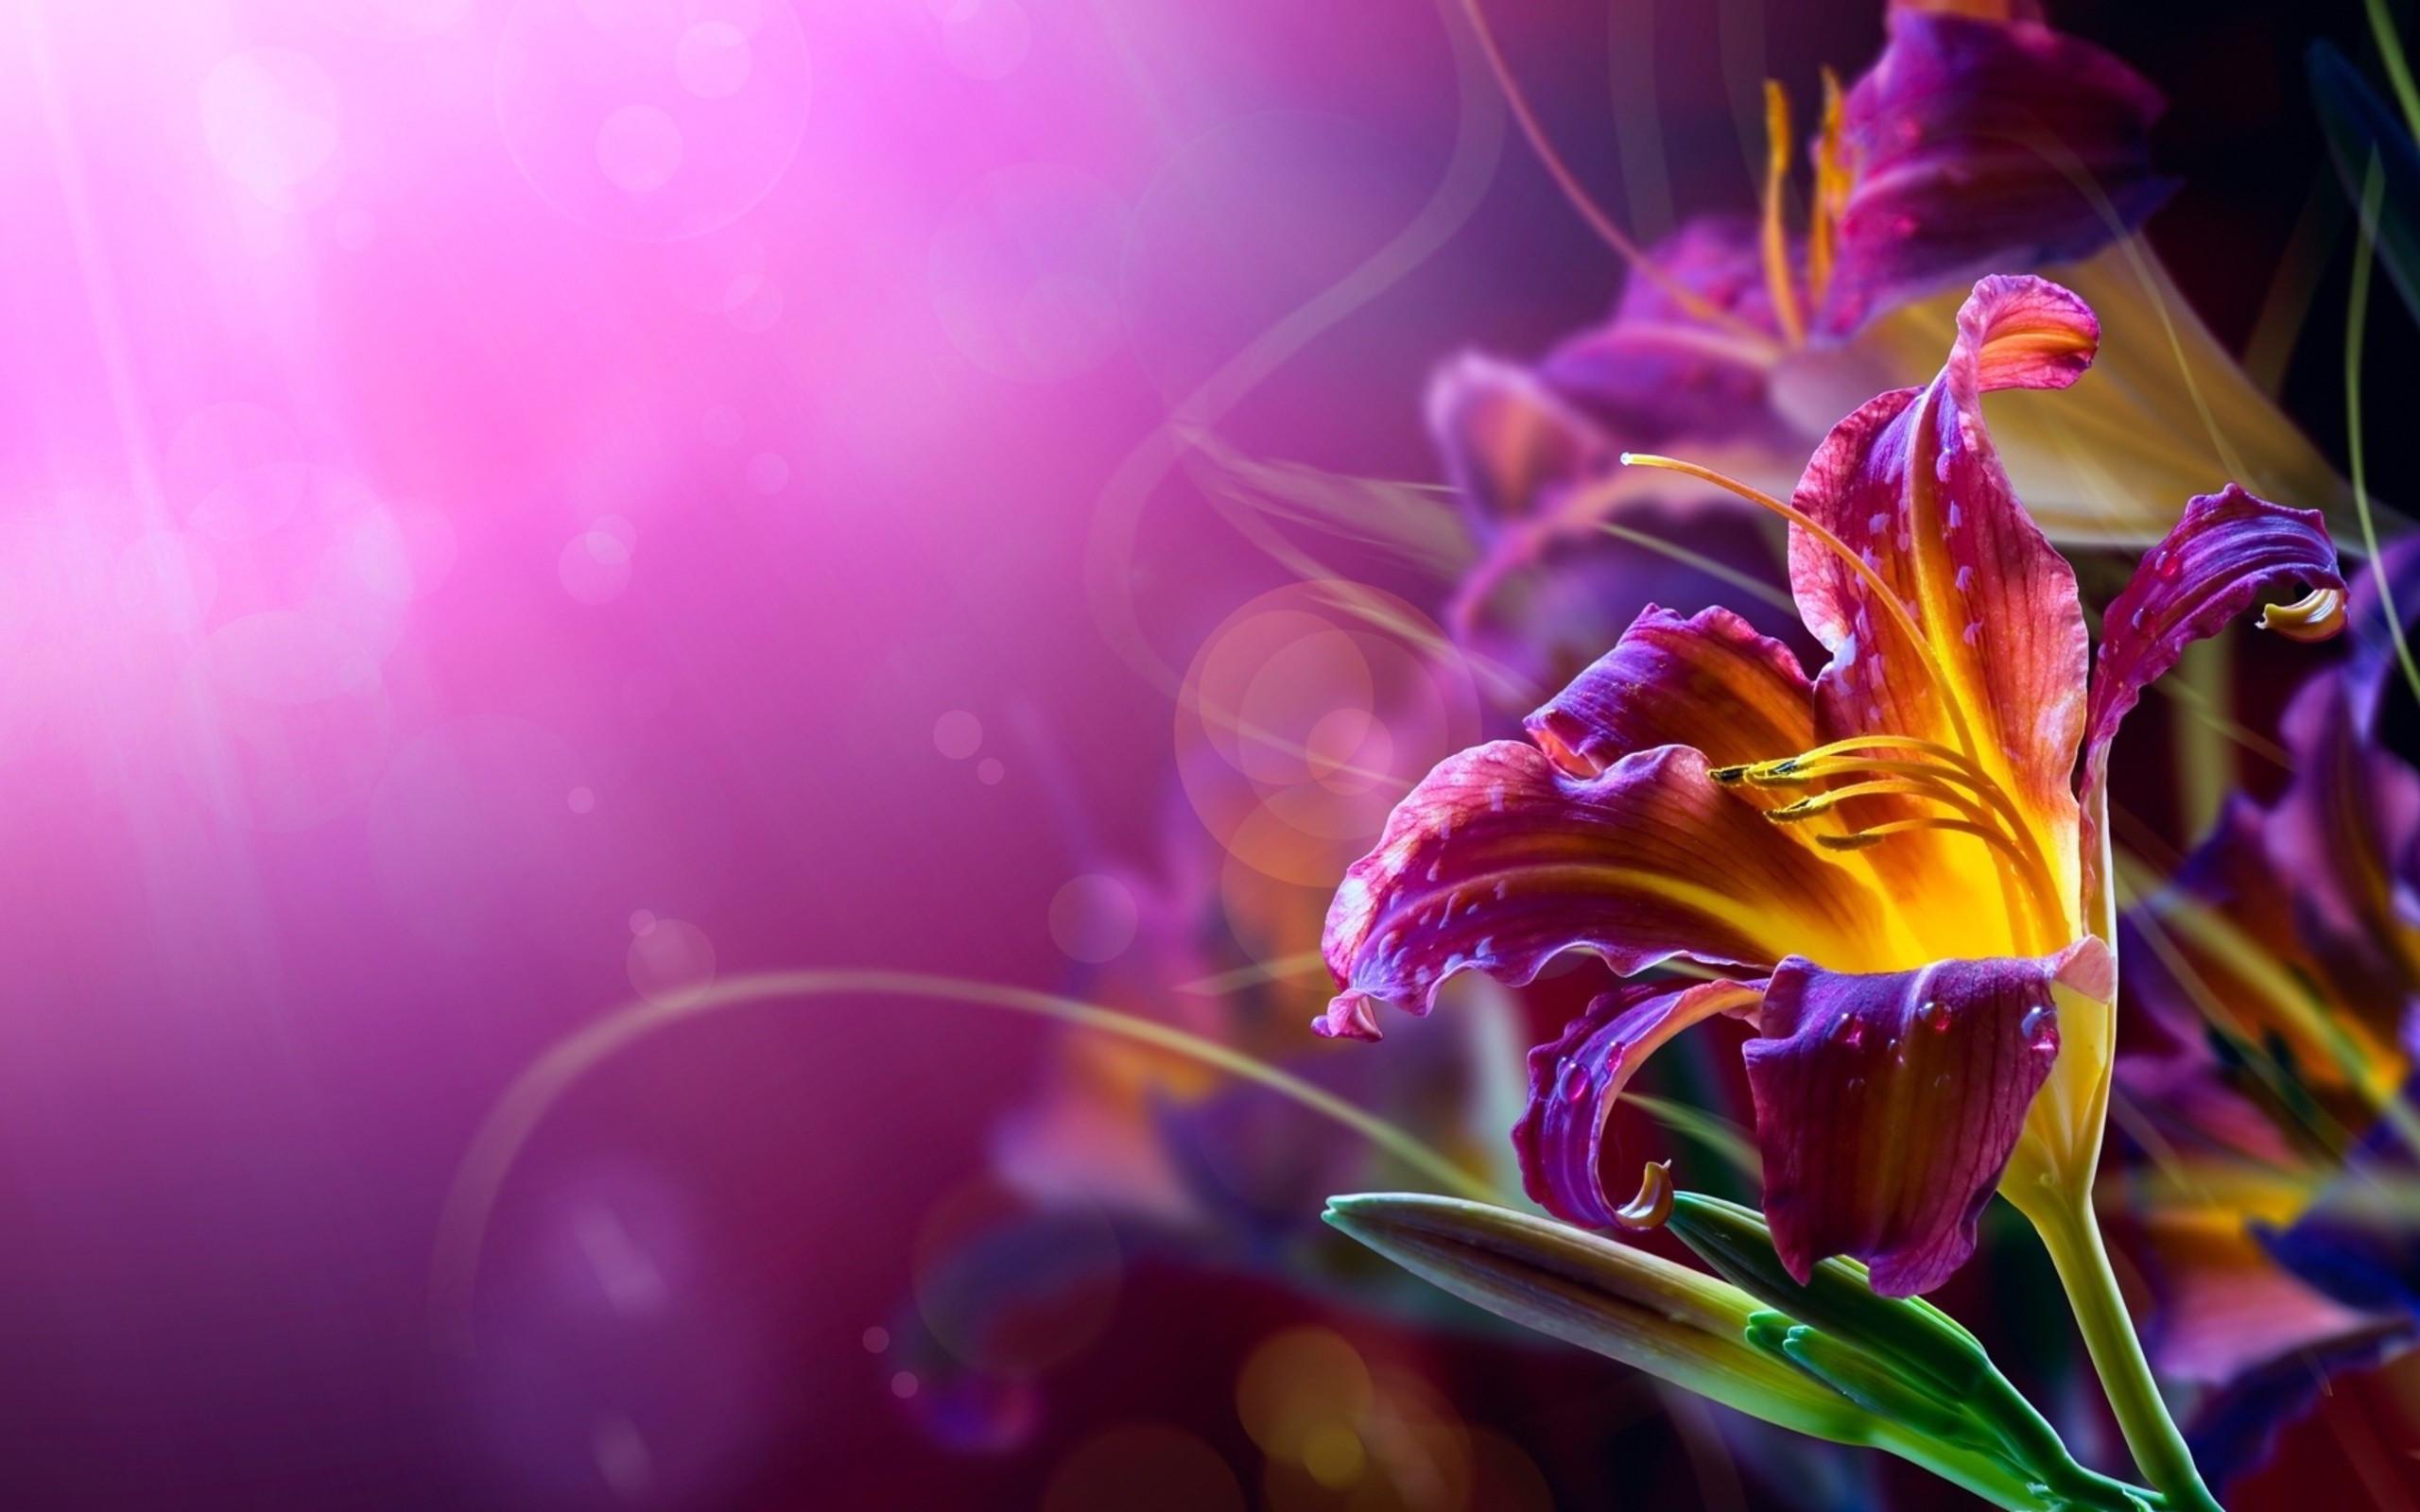 Violet Flower Wallpapers 25399